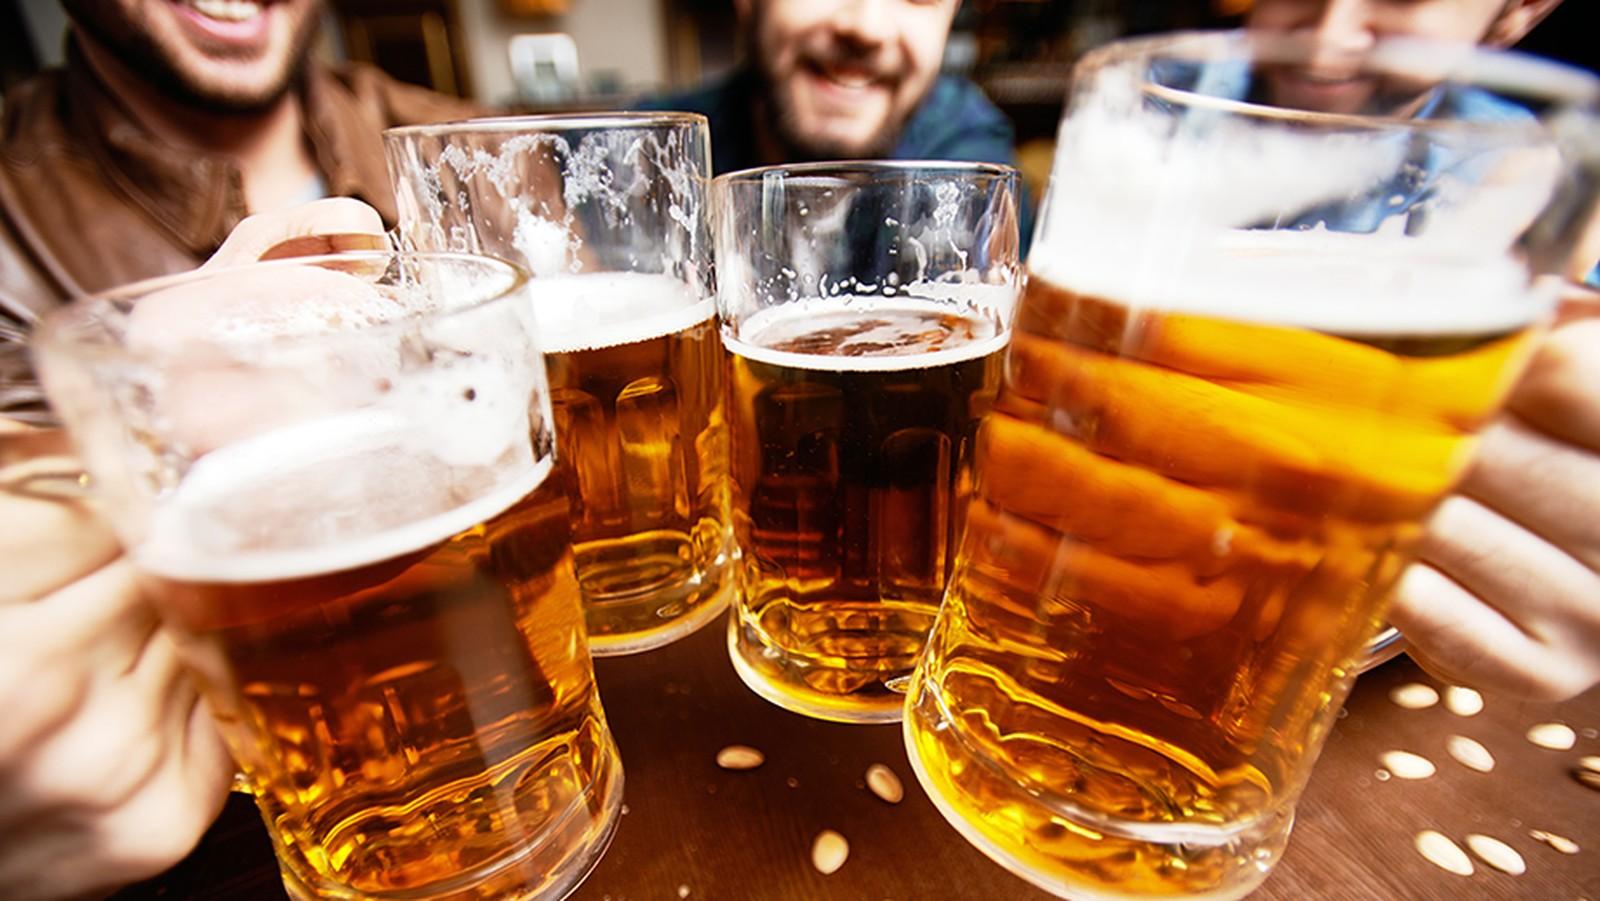 A cerveja está engordando você?